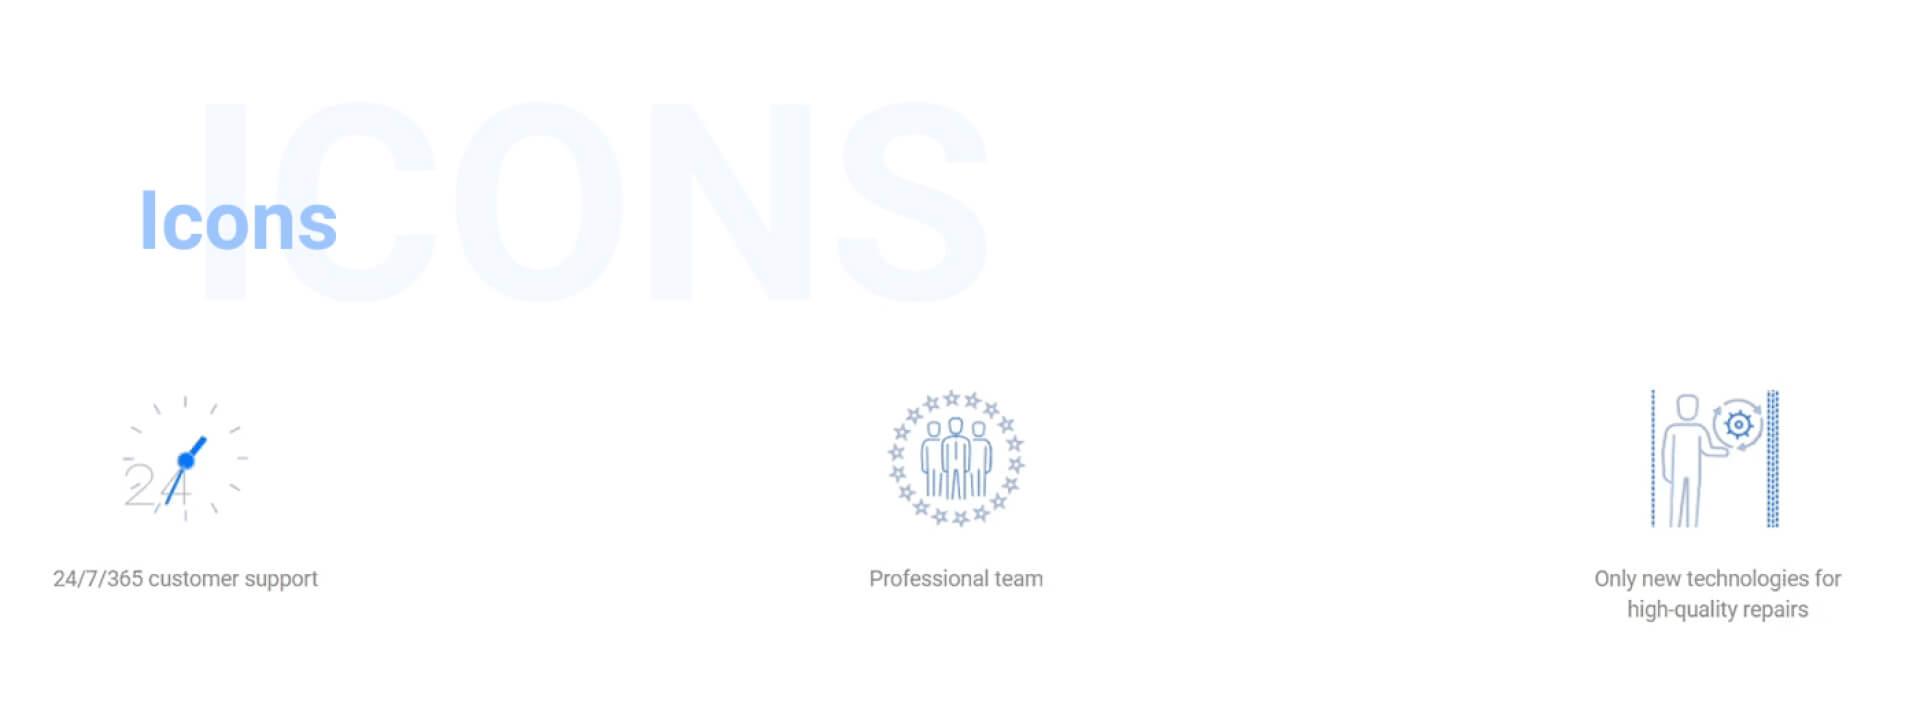 Разработка под ключ сайта услуг ремонта бытовой техники - кейс iPapus Agency